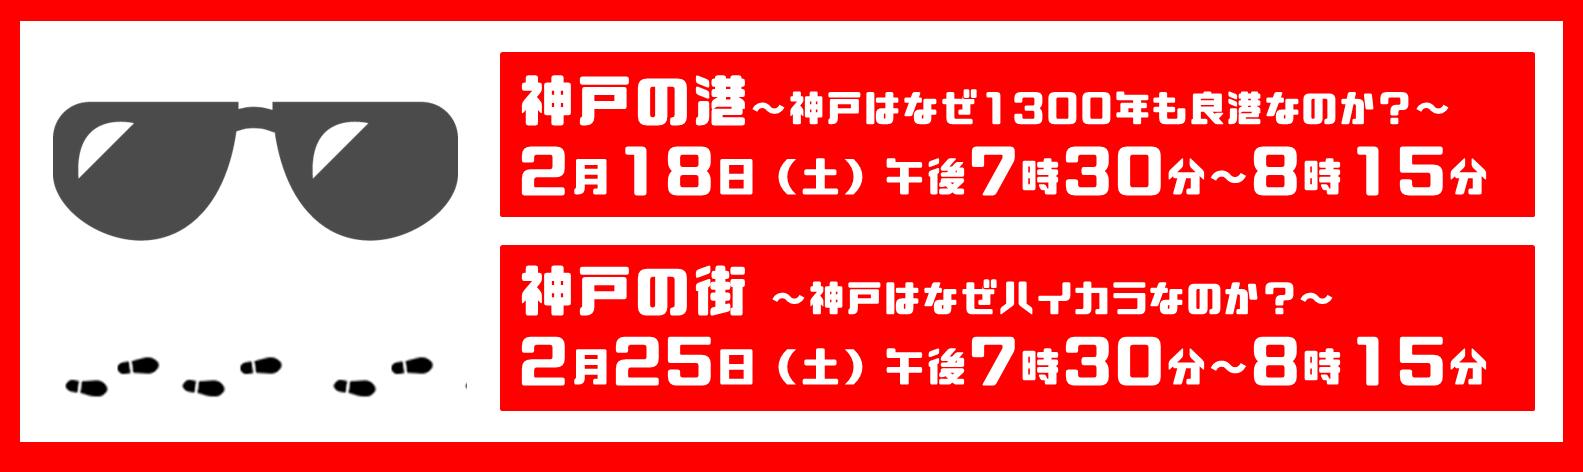 神戸市広報サイトも大歓迎!「ブラタモリ(NHK放送)」2月18日・25日の神戸特集が大きく紹介されてるよ! #神戸市 #ブラタモリ